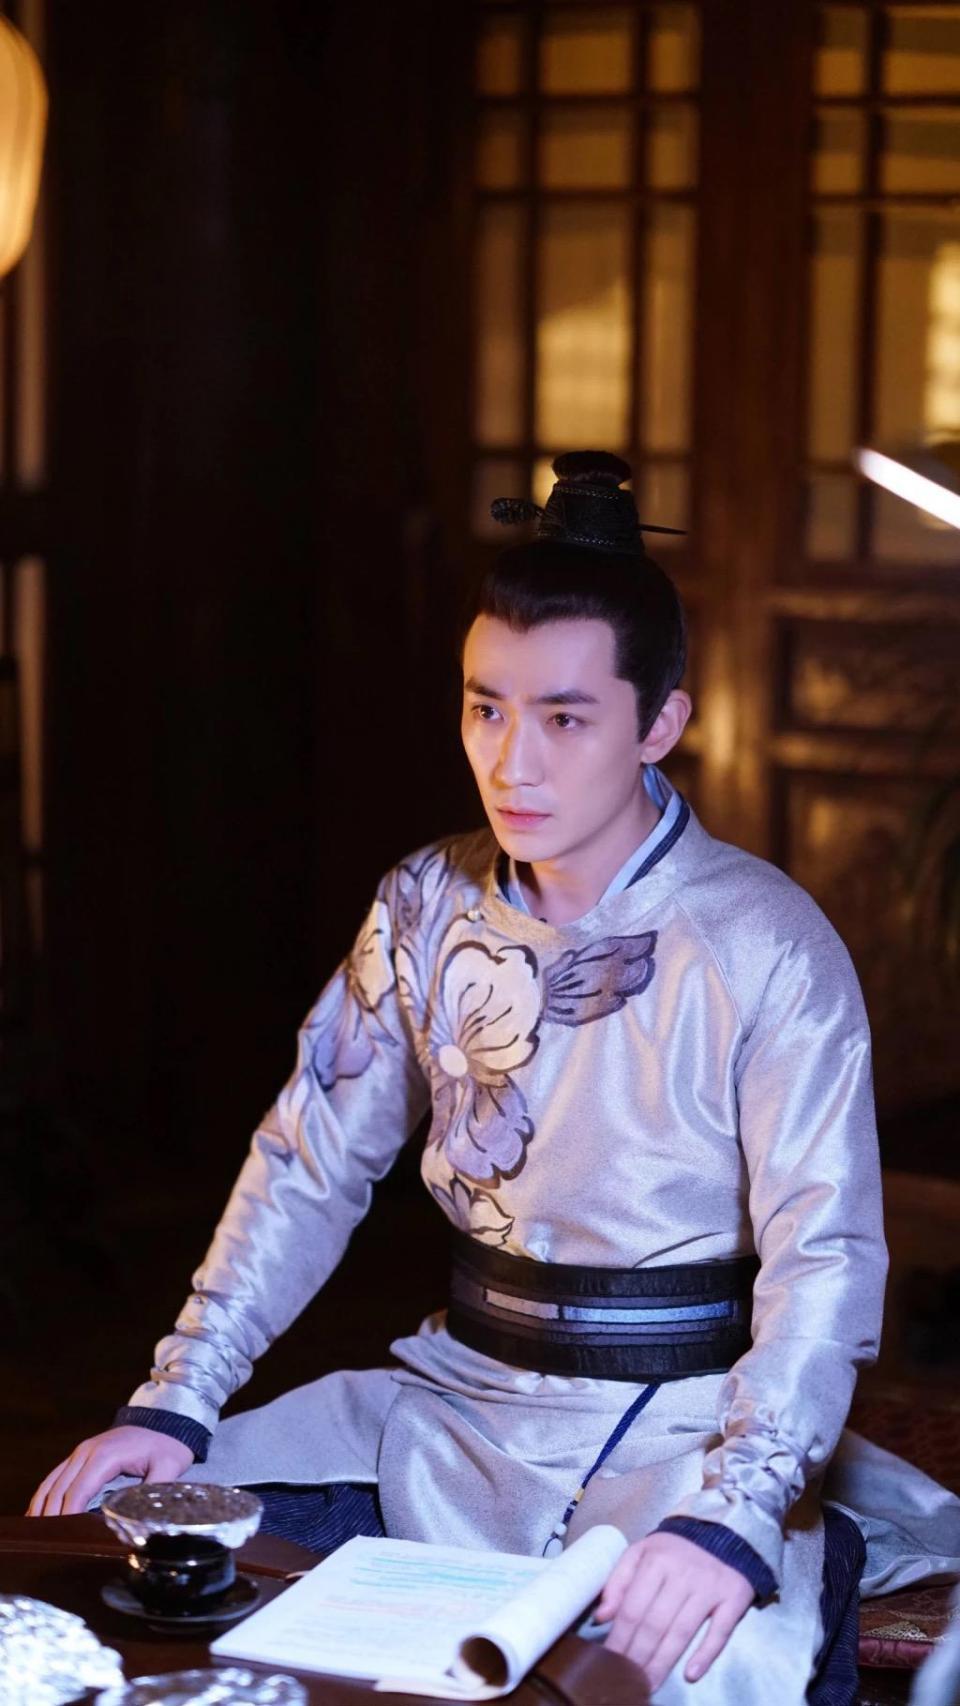 朱一龙有哪些新剧即将播出?剧中的他风度翩翩迷倒众生(2)